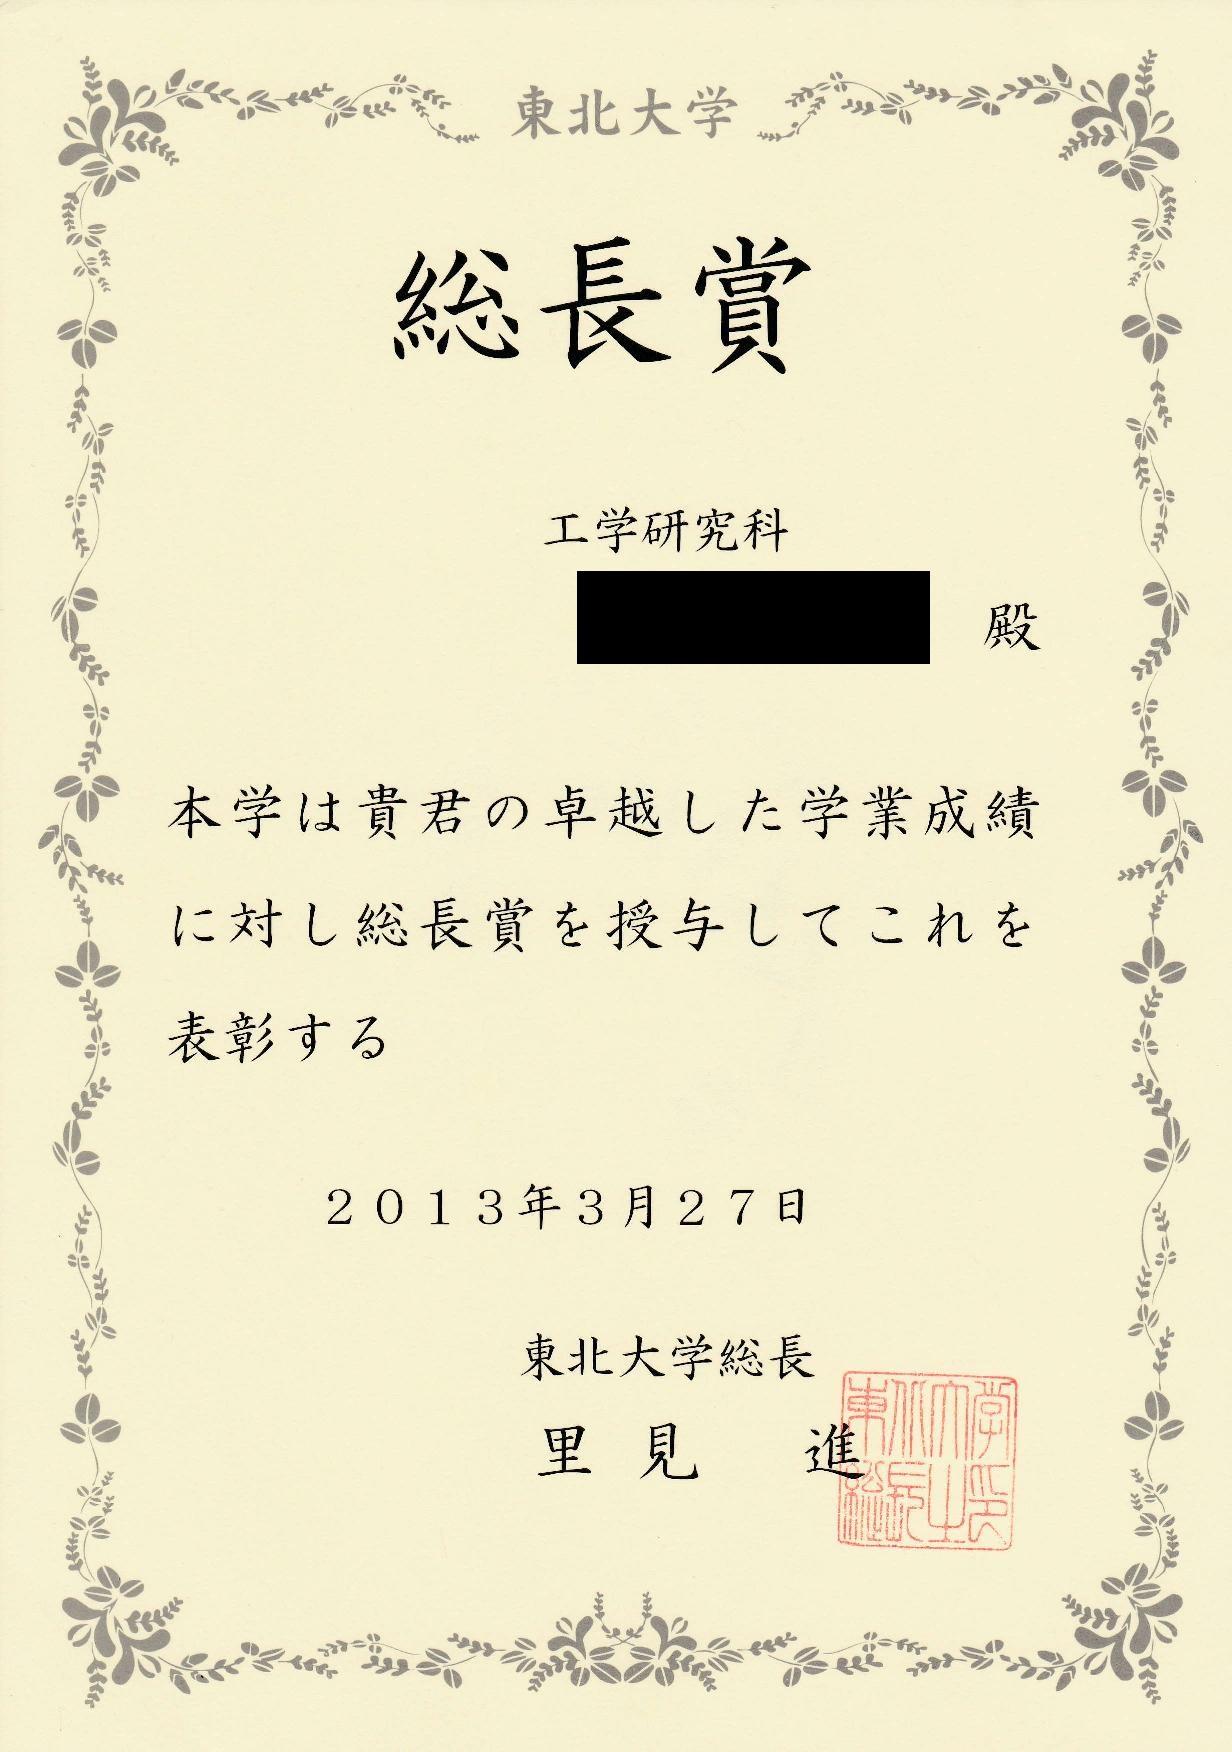 編入 医学部